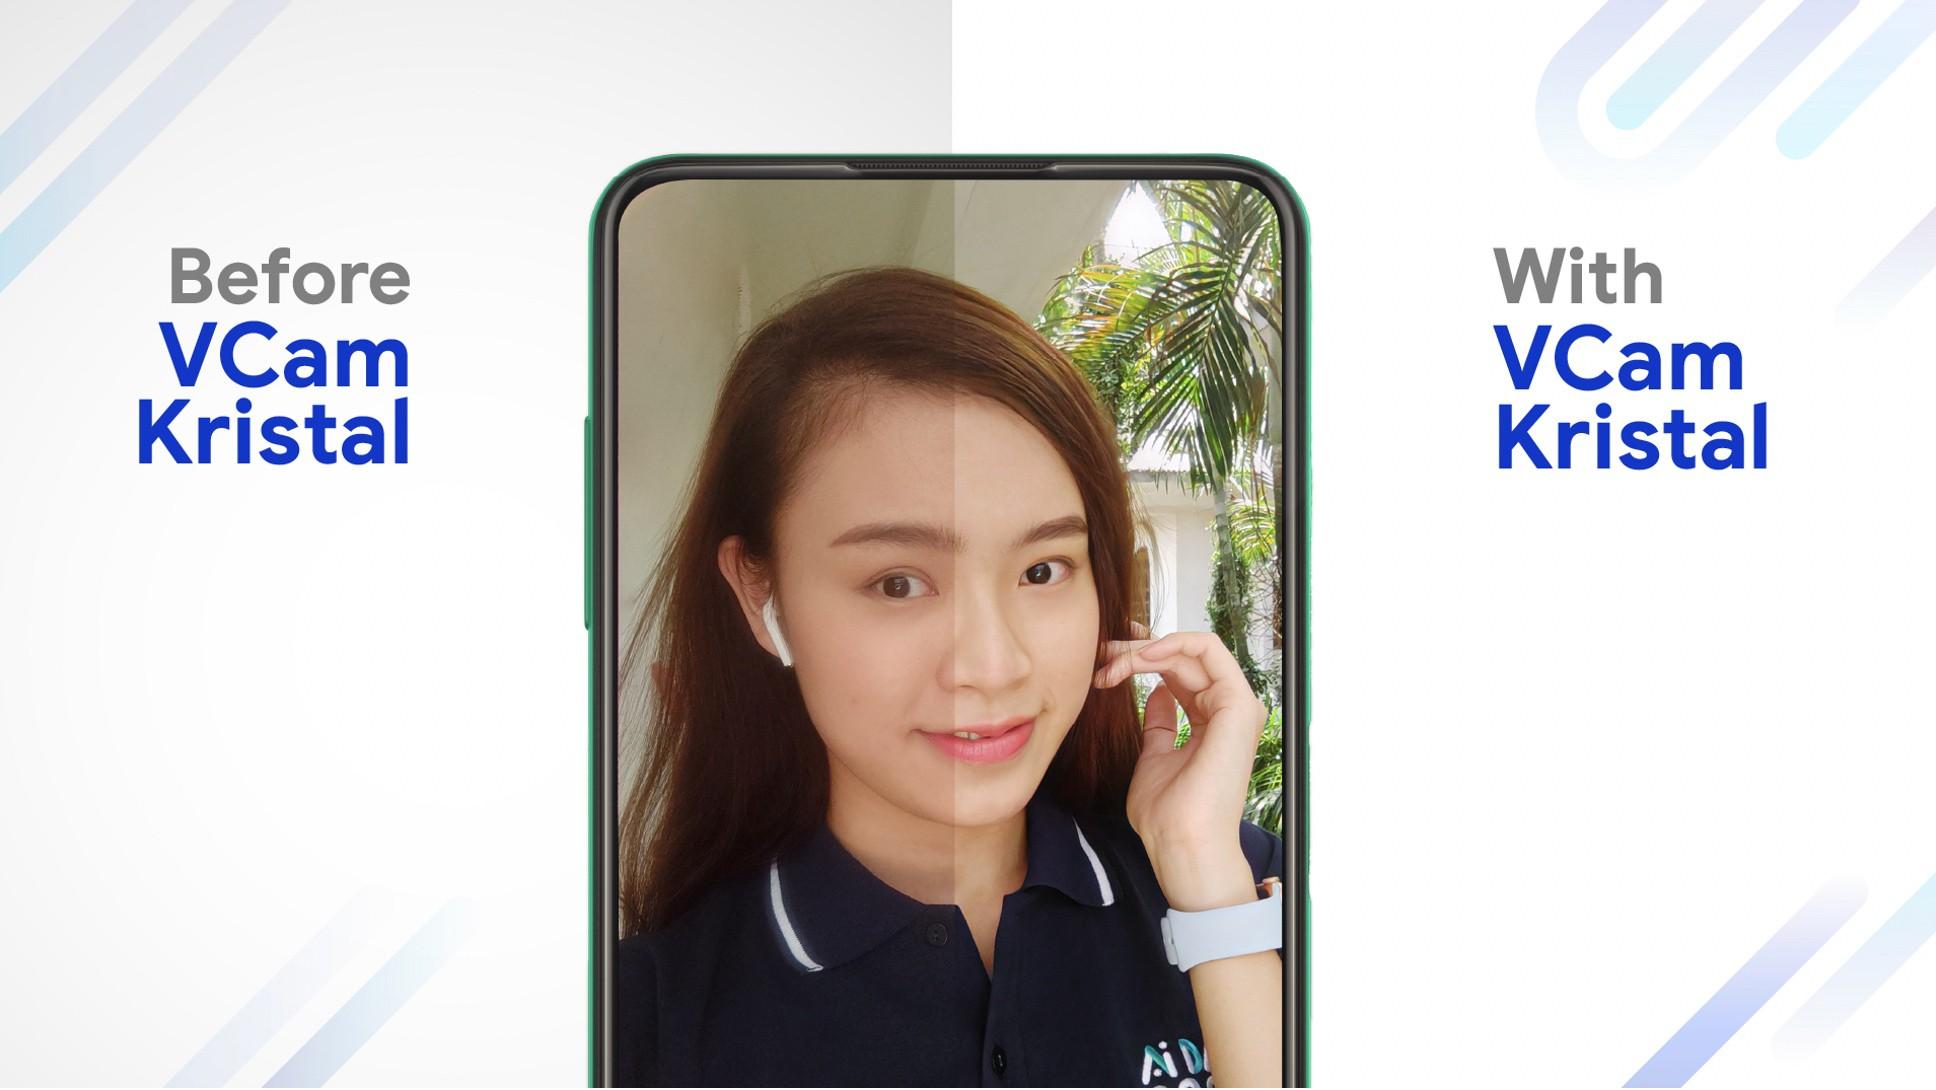 Vsmart Aris Pro: Smartphone Việt đầu tiên có camera ẩn dưới màn hình, bán với giá 10 triệu đồng - Ảnh 1.